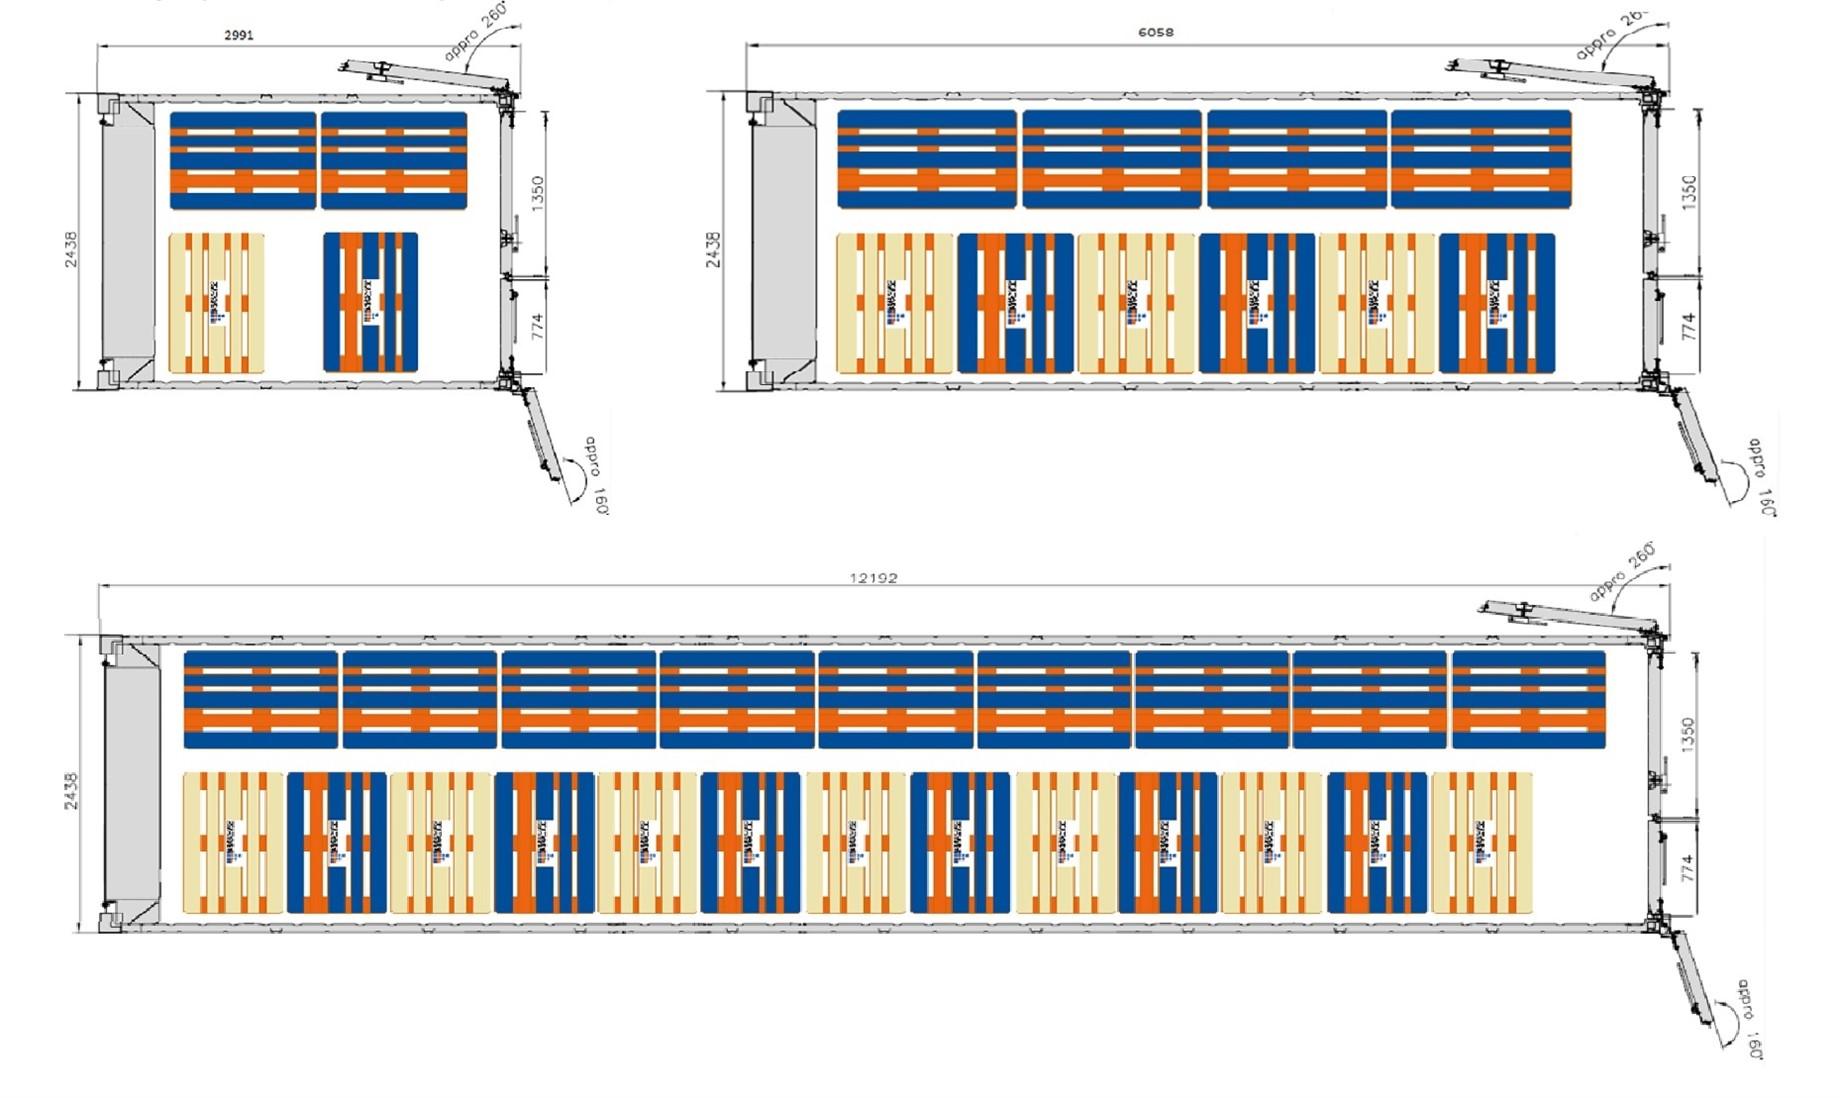 Storage Container Diagram Image 1